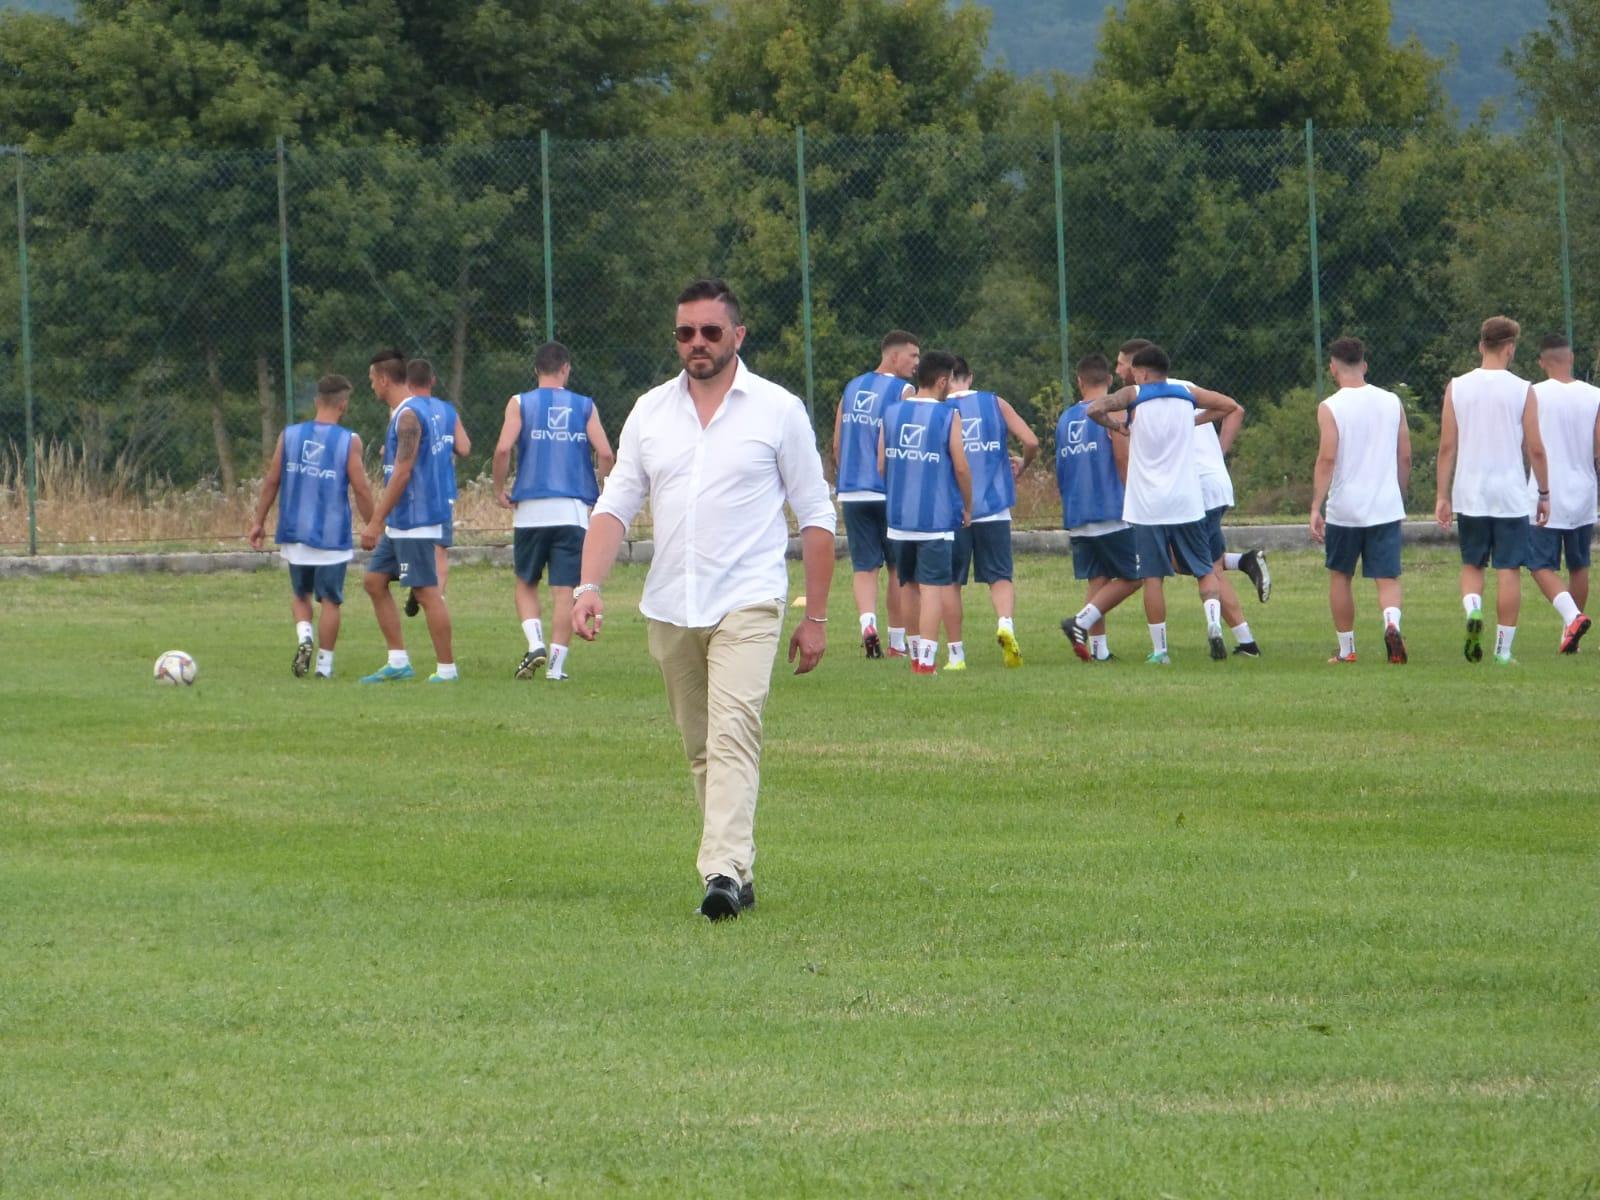 """Vastogirardi: """"Contro l'Ururi grinta e concentrazione"""". Torna in panchina mister Farina dopo l'infortunio in allenamento. Il commento del Direttore Sportivo Antonio Crudele."""